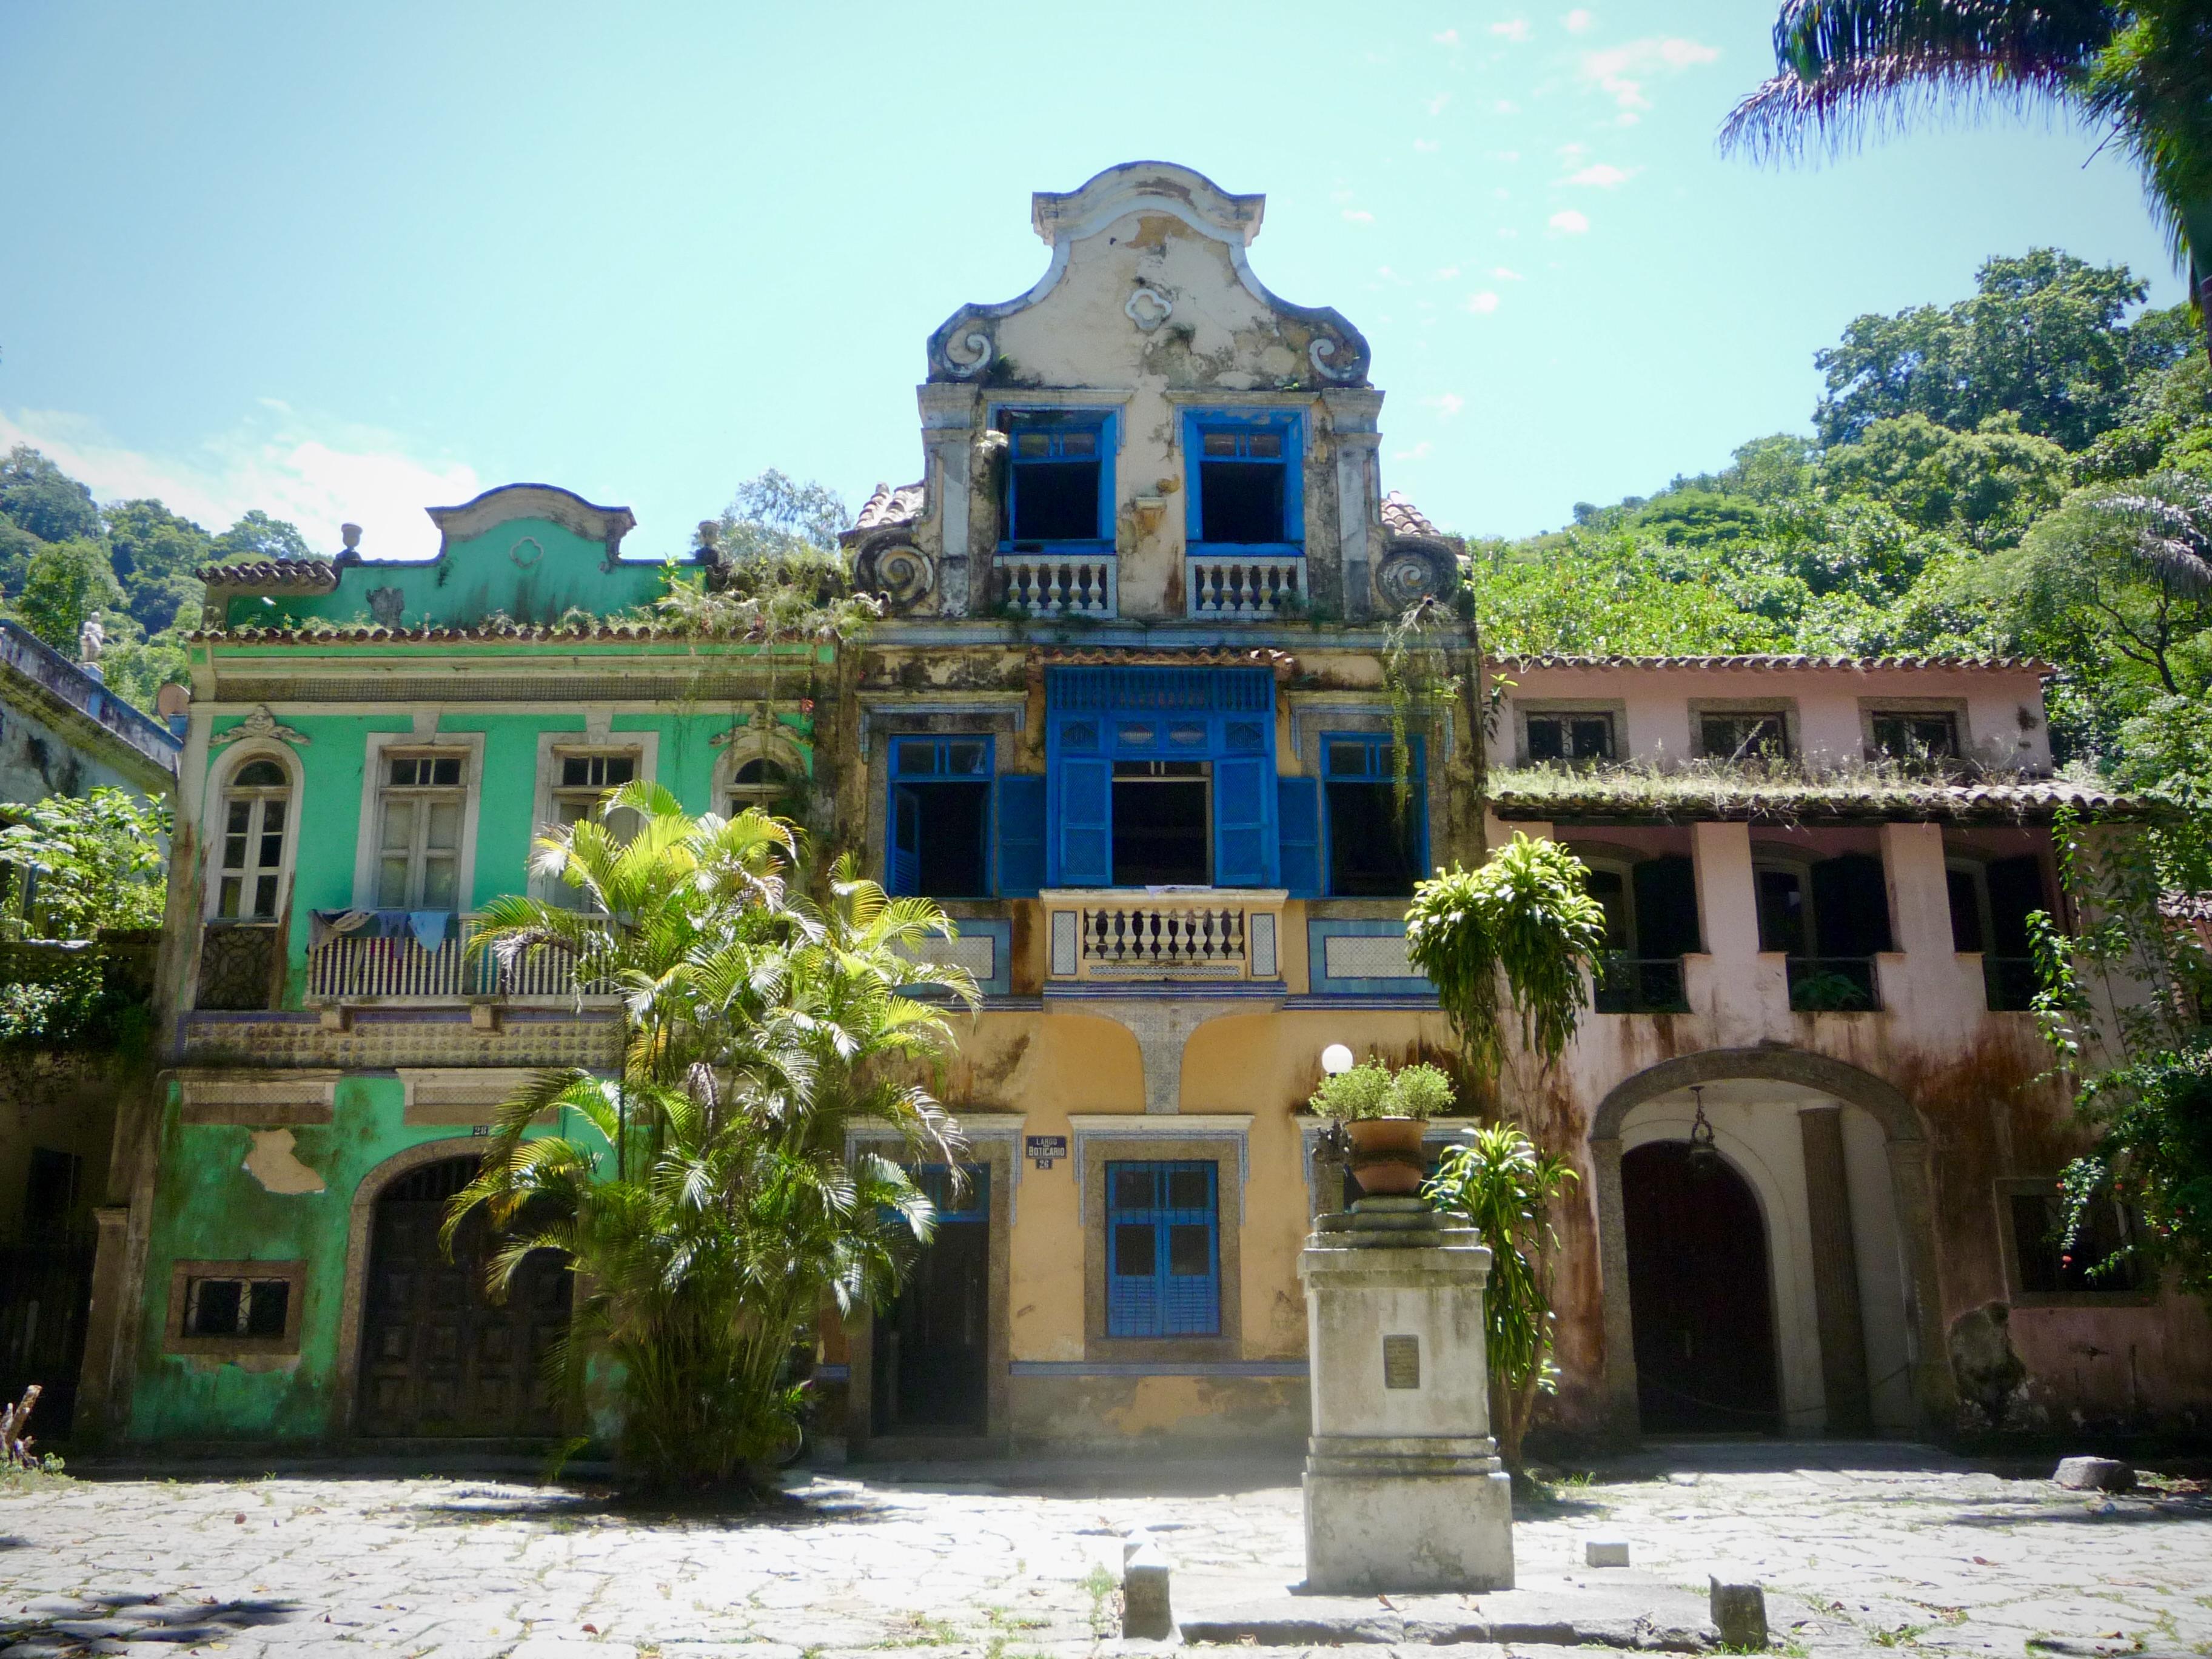 Río de Janeiro - Una guía hedonista